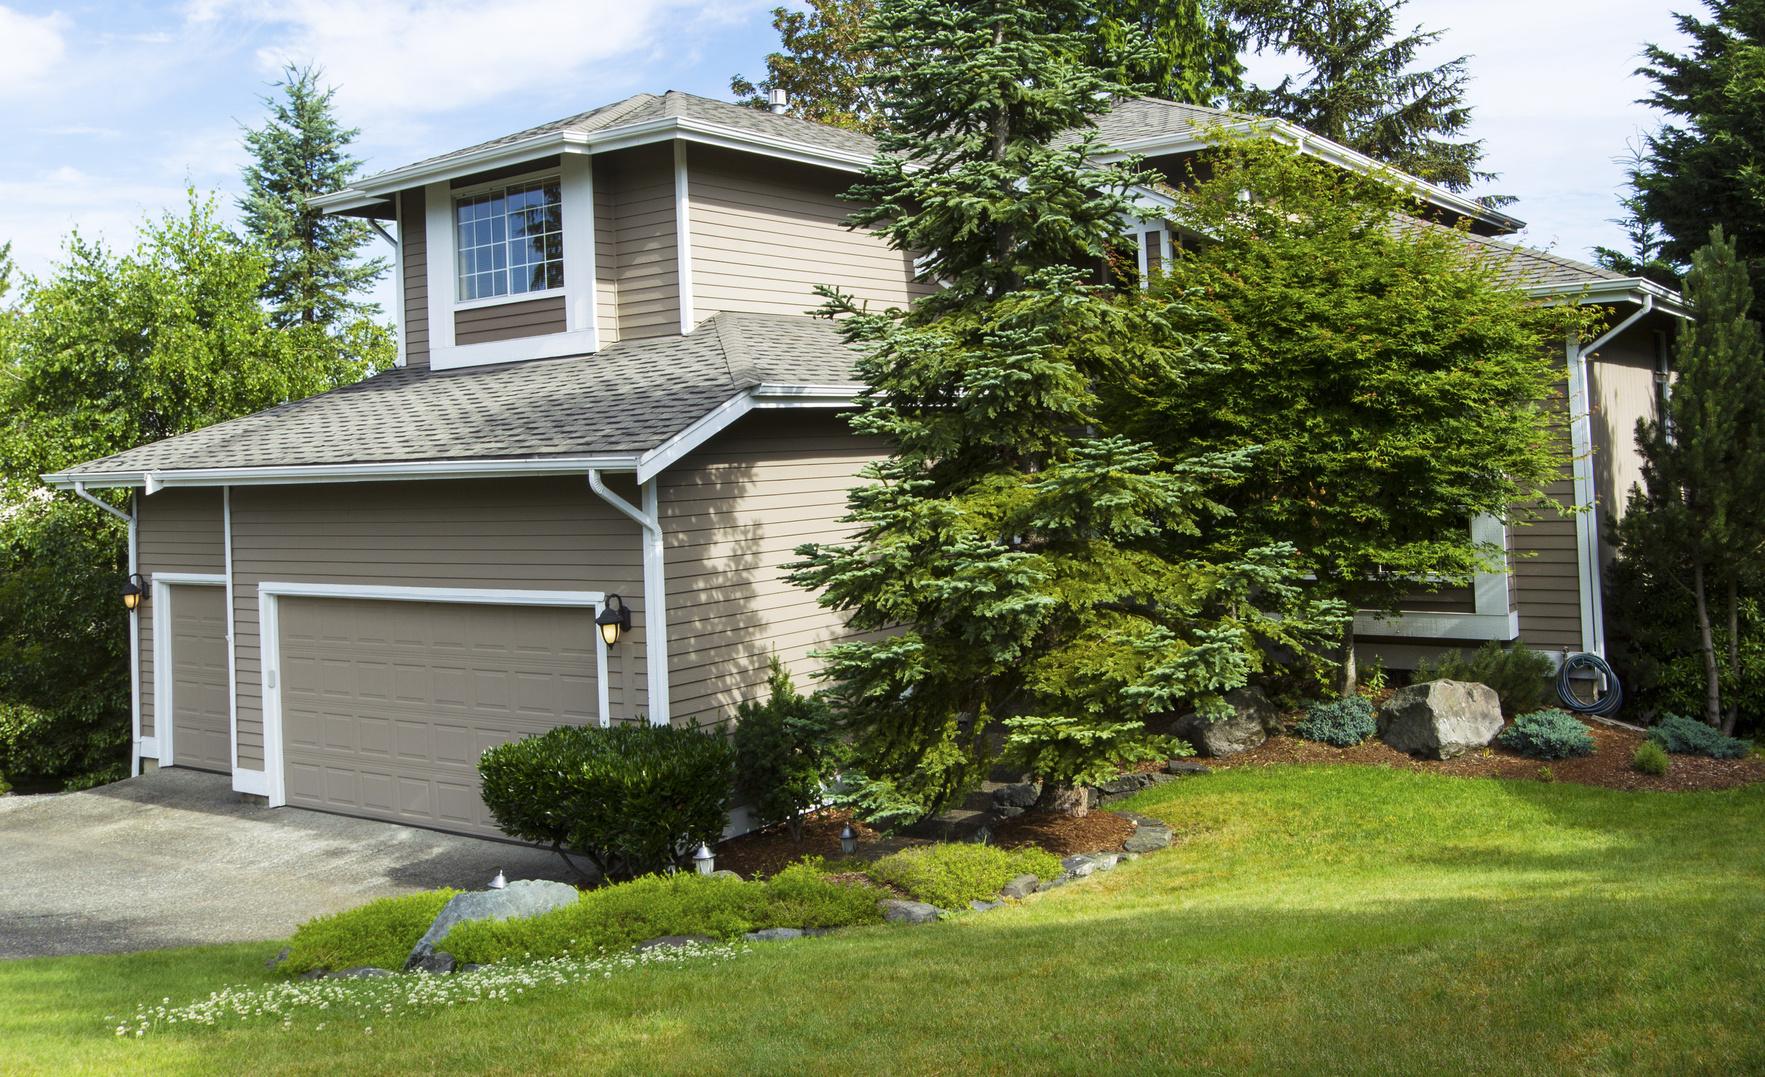 Garage door repair service blog a plus garage doors for Evergreen garage doors and service